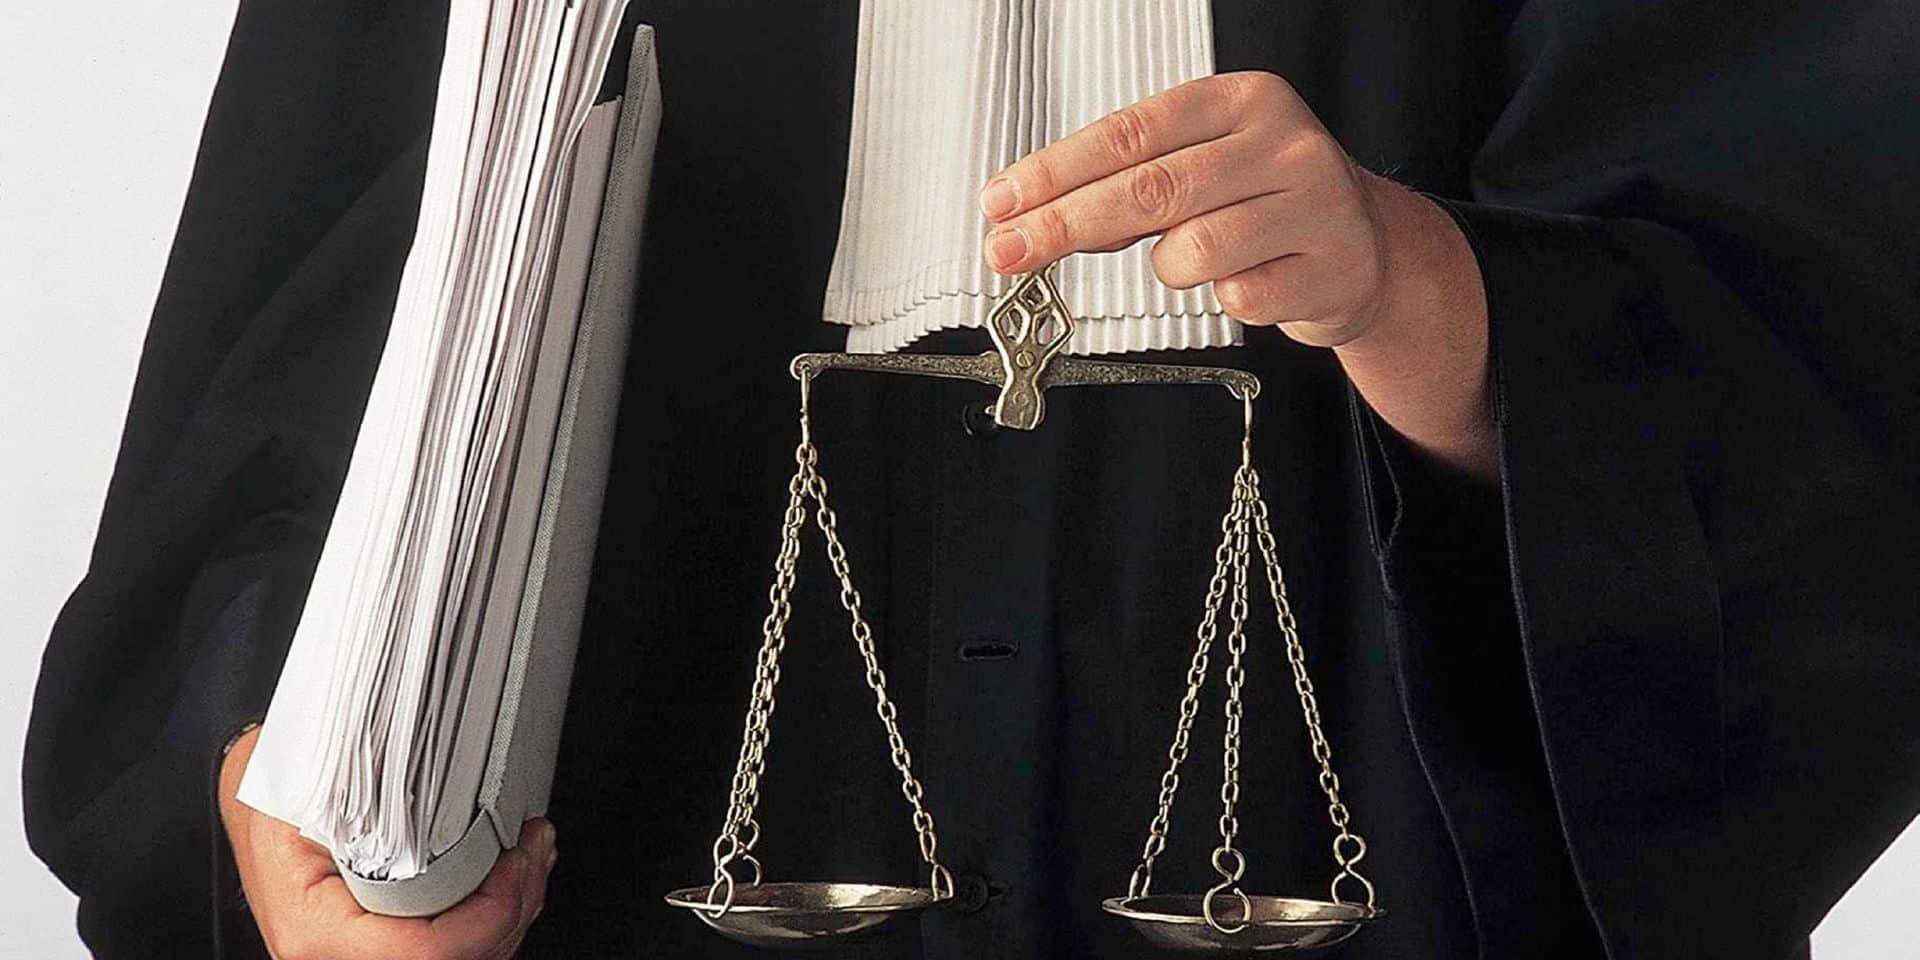 Blanchiment d'argent, fraude fiscale, fraude à la TVA : Supra Bazar au cœur d'un important dossier fiscal